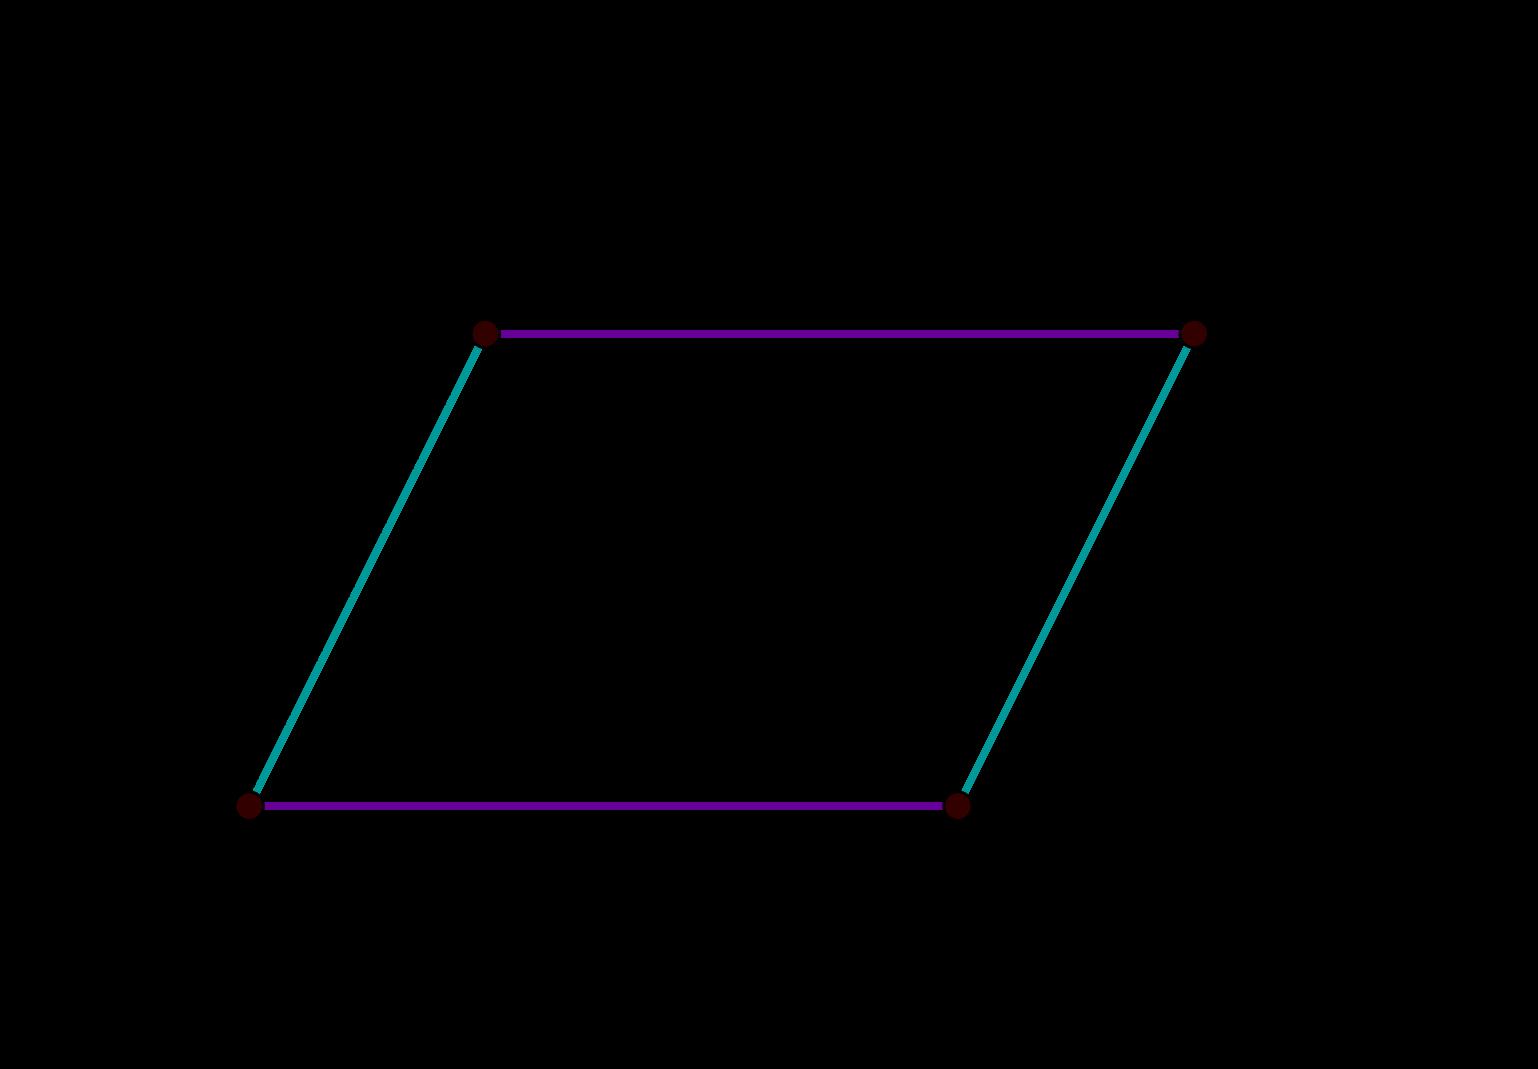 Seiten eines Parallelogramms